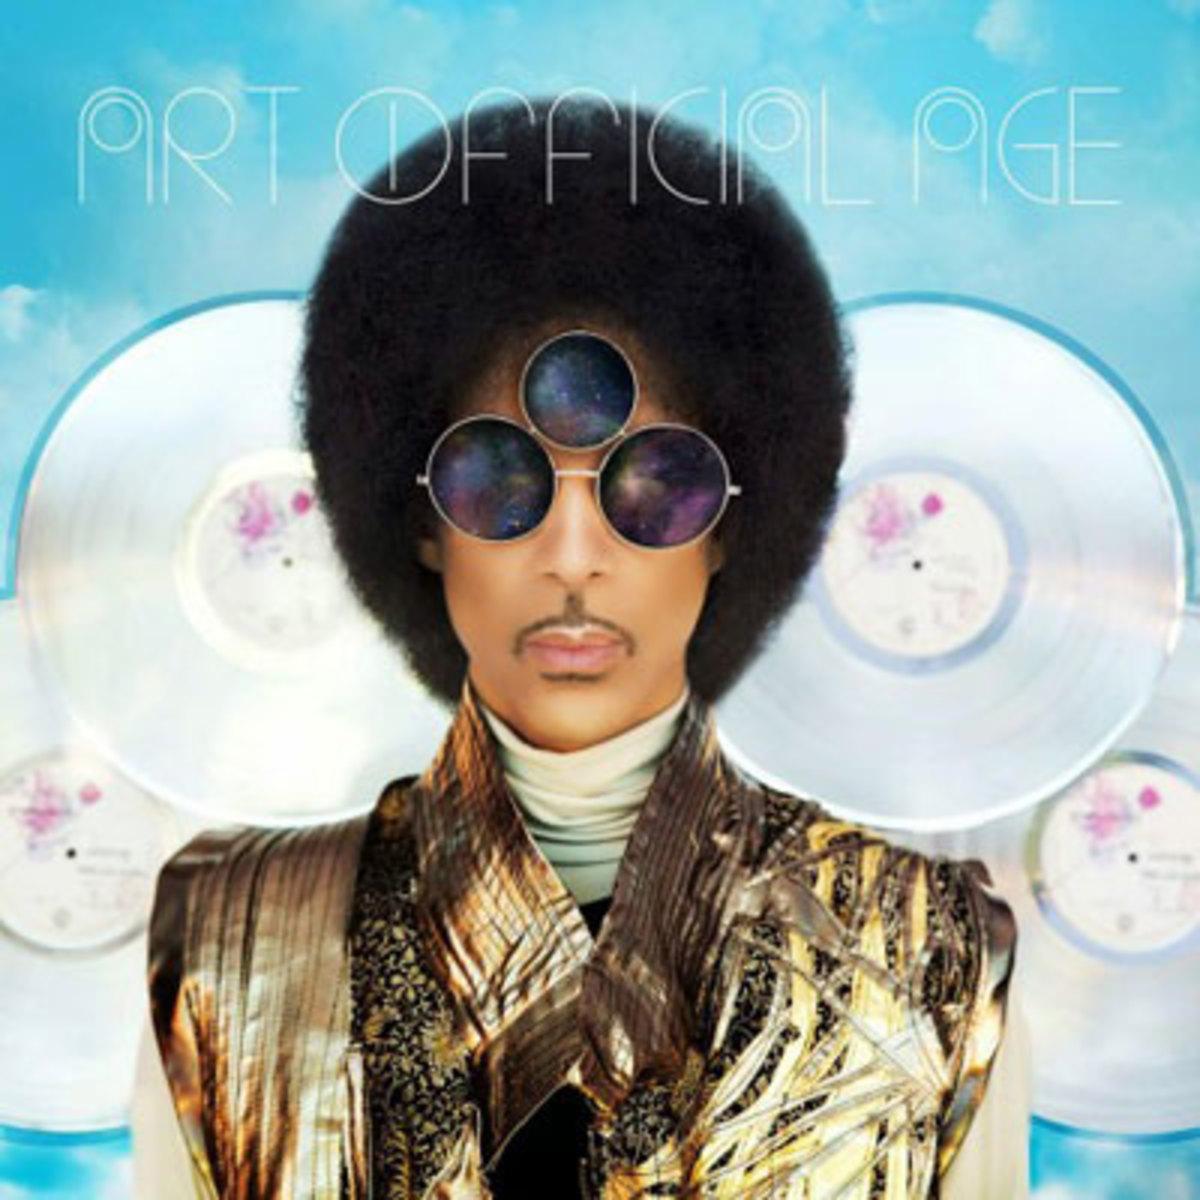 prince-artofficialage.jpg